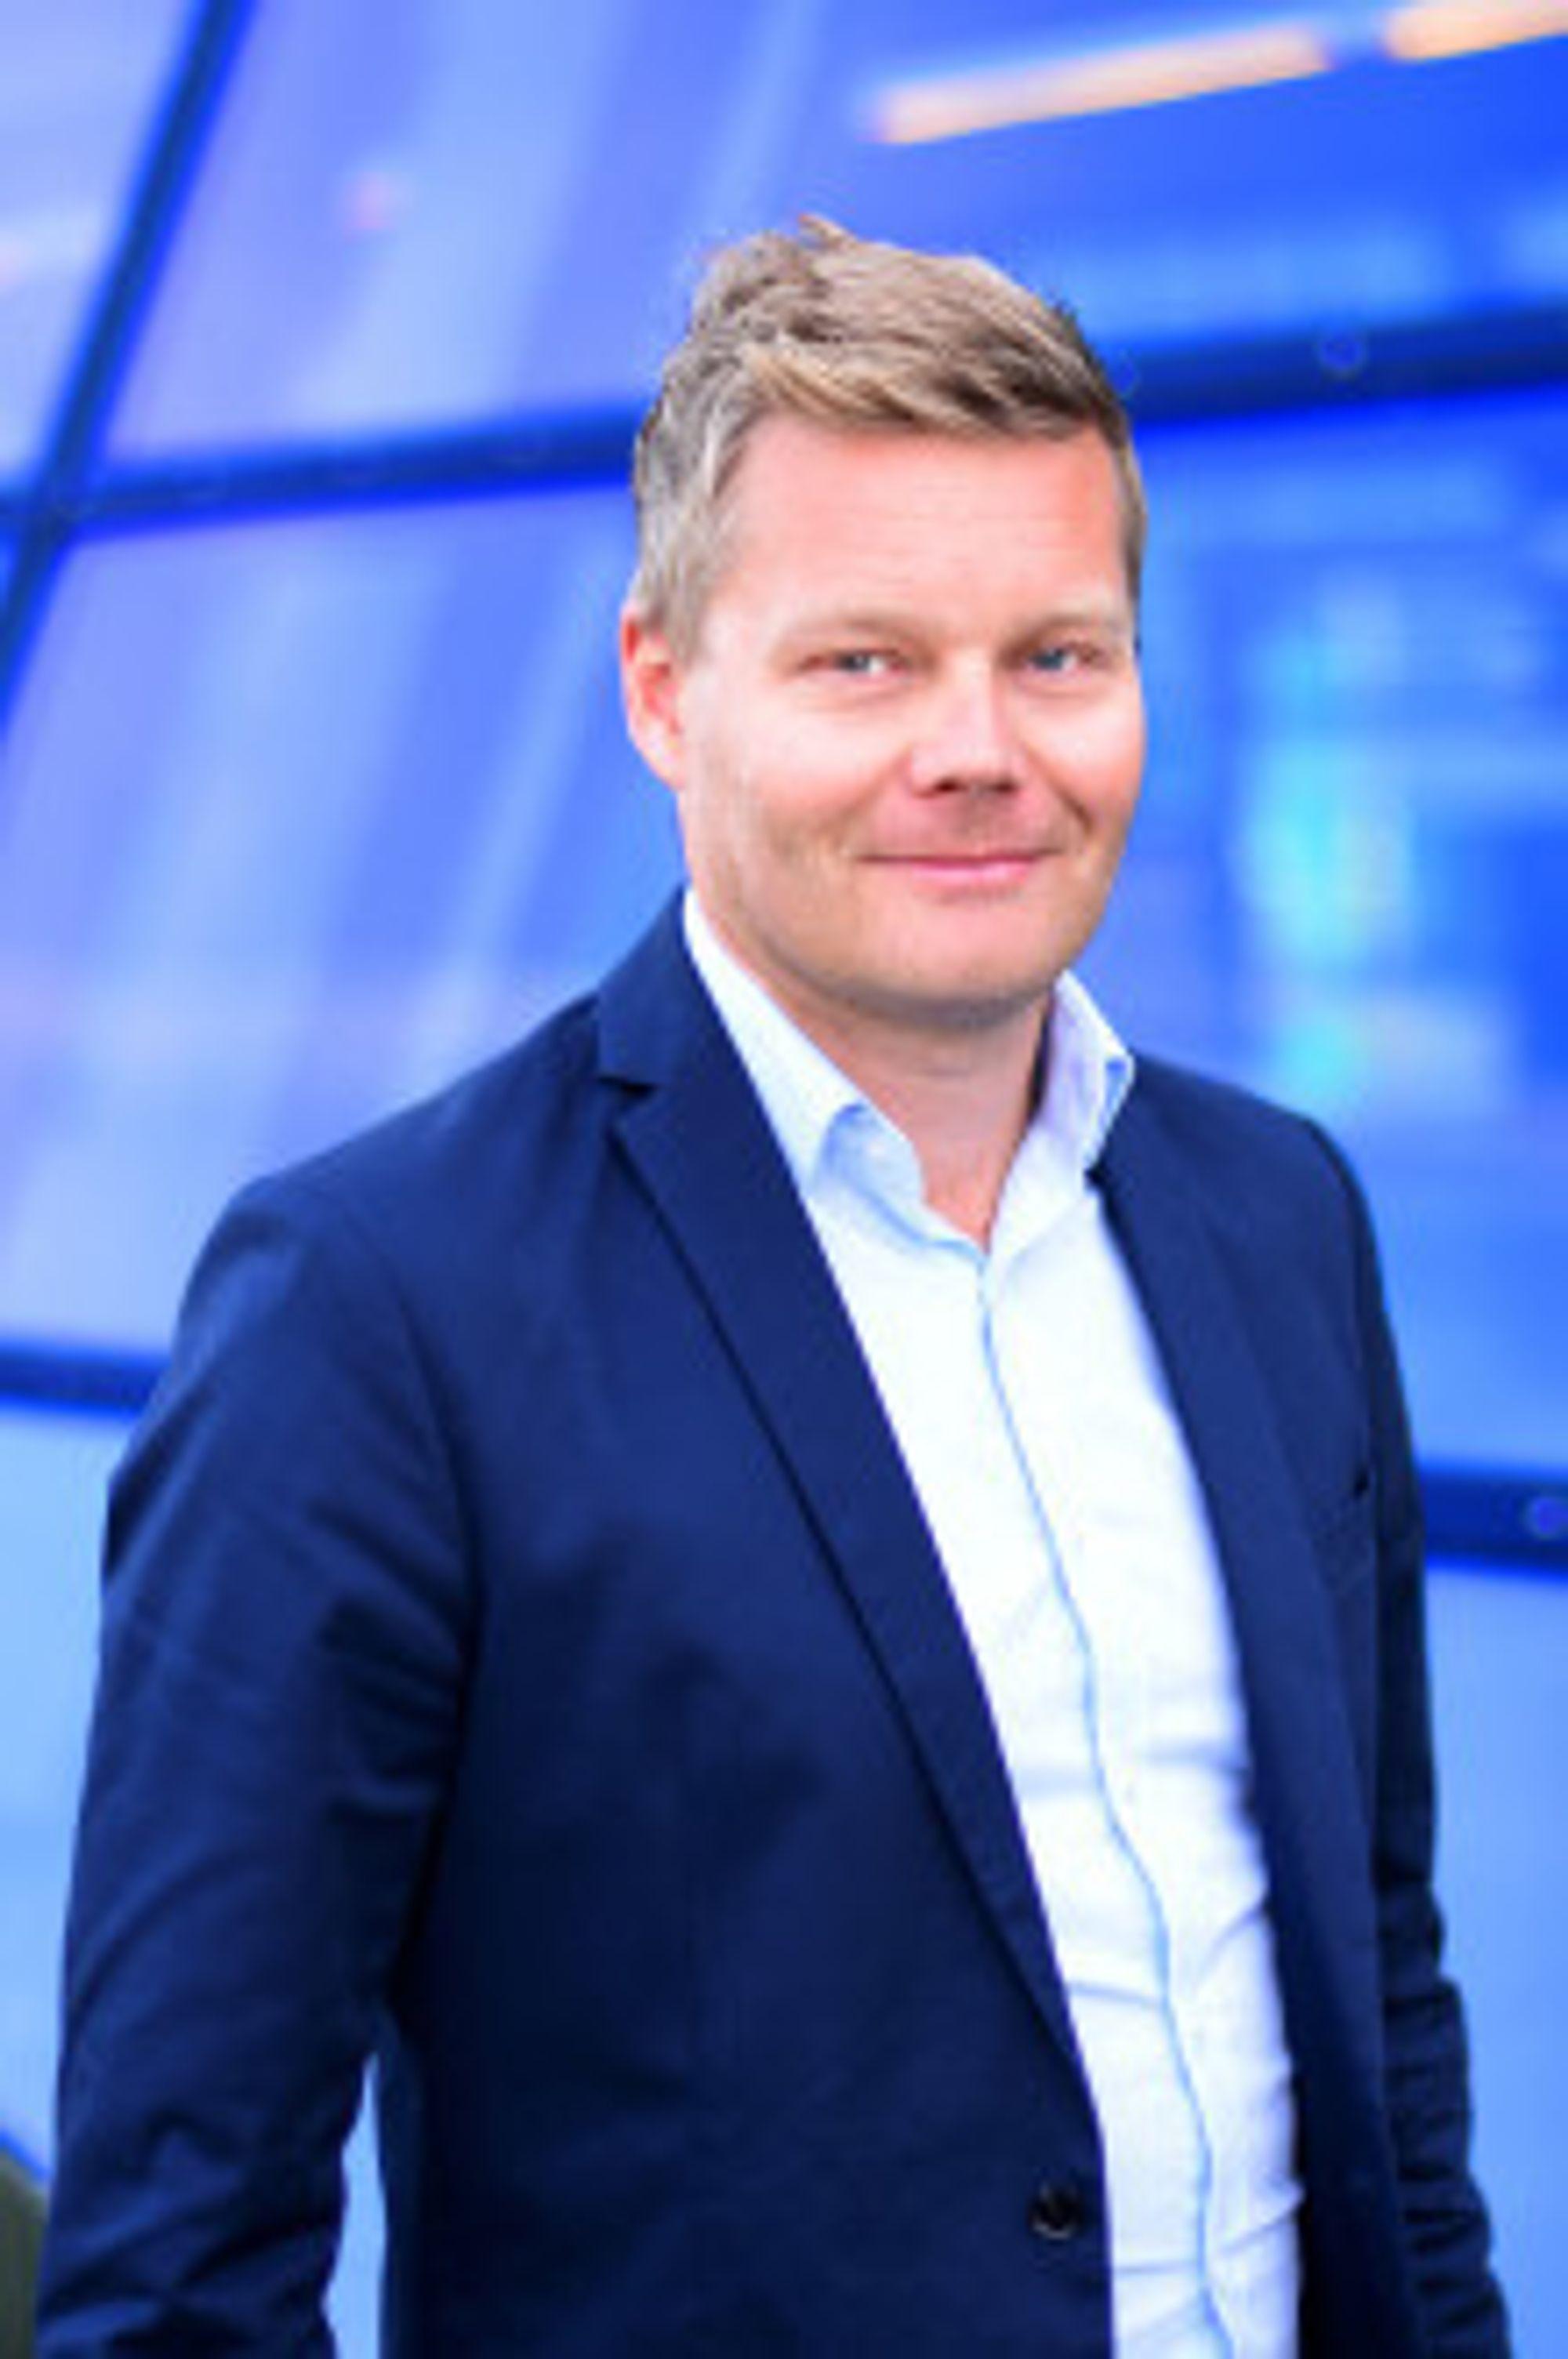 Tormod Sandstø - Informasjonssjef Telenor.